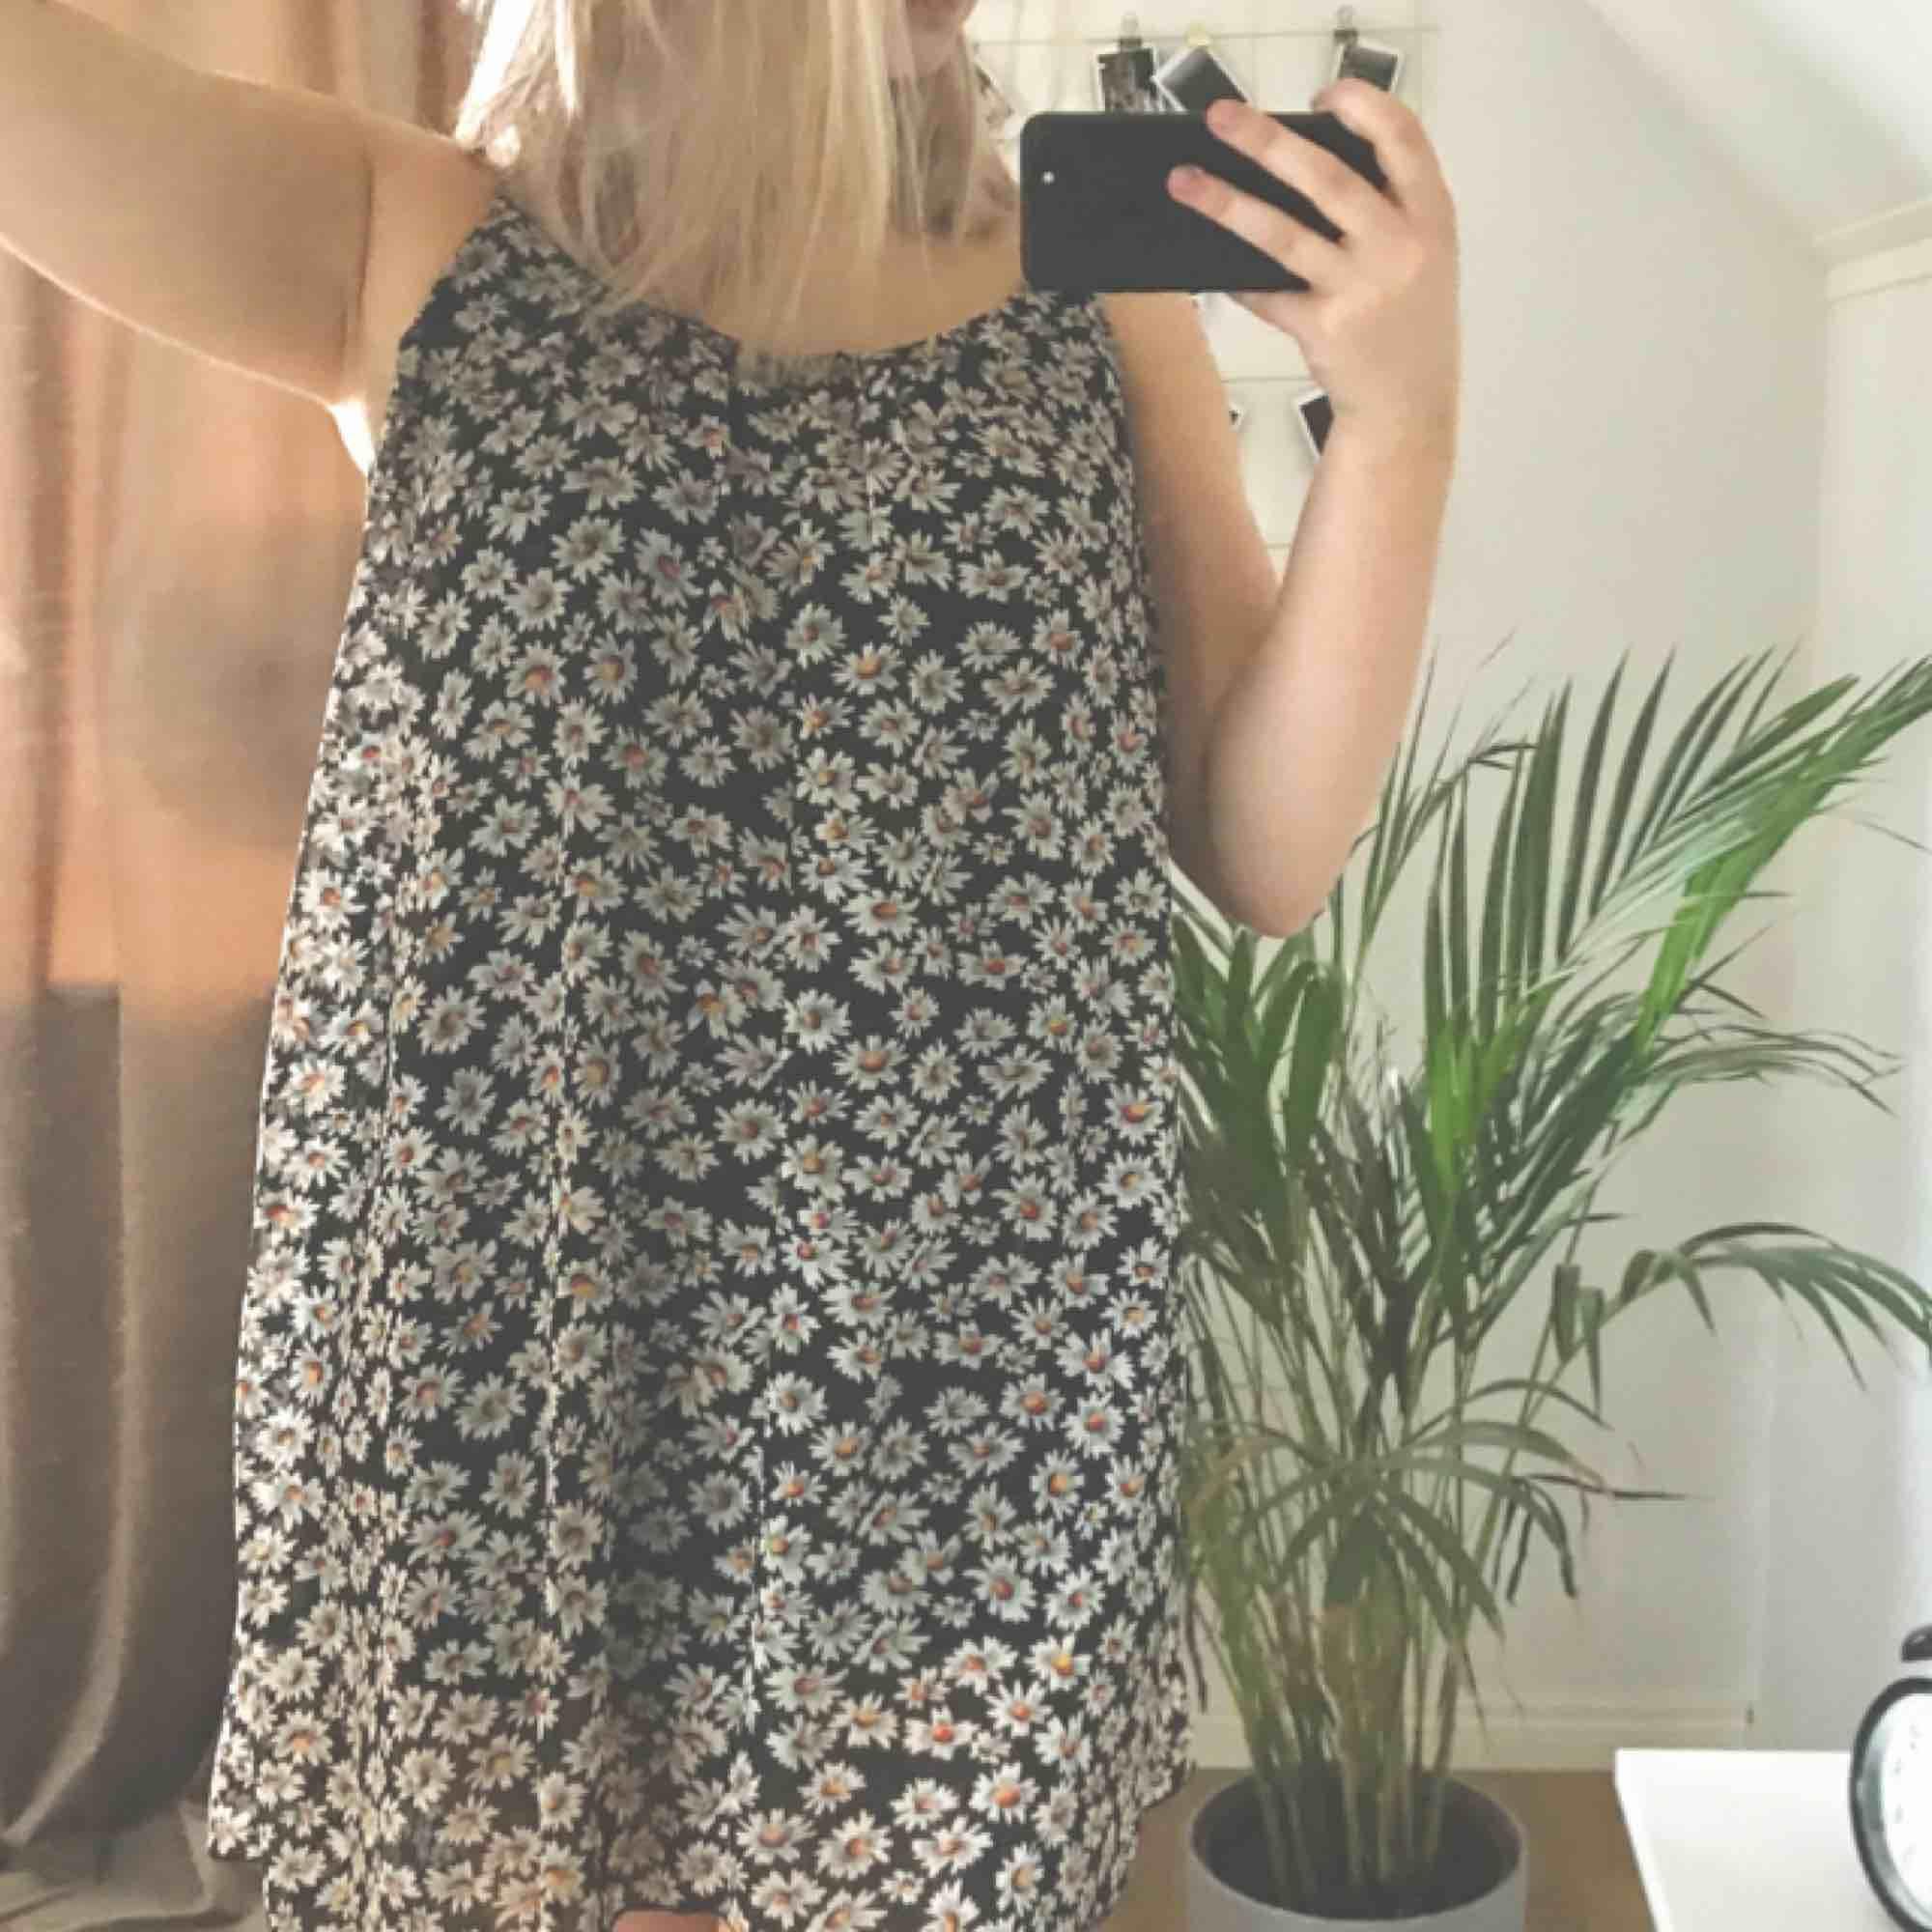 Super fin somrig klänning som passar till skolavslutningar, midsommar eller andra tillfällen bara. Köparen betalar frakt på 55kr och jag tar endast swish. Kan mötas upp i Örebro på vardagarna. . Klänningar.